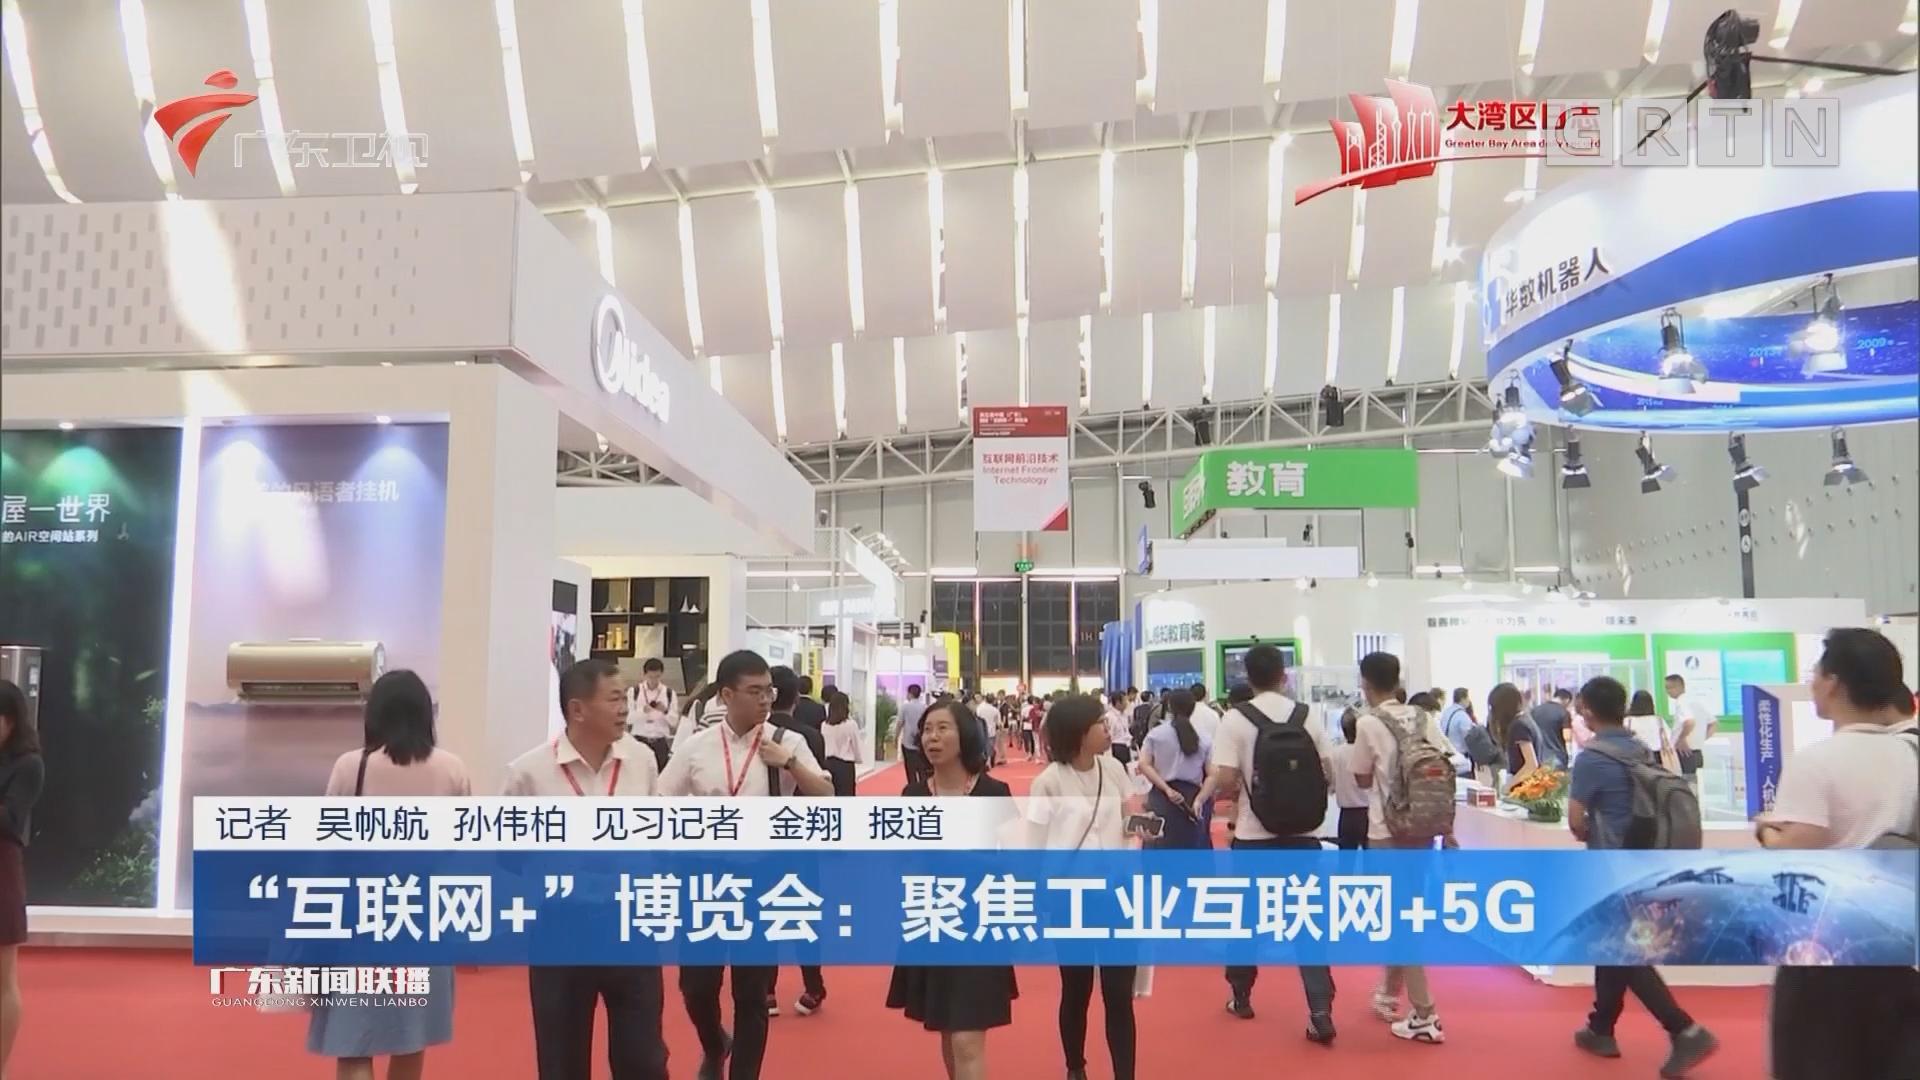 """""""互联网+"""" 博览会:聚焦工业互联网+5G"""